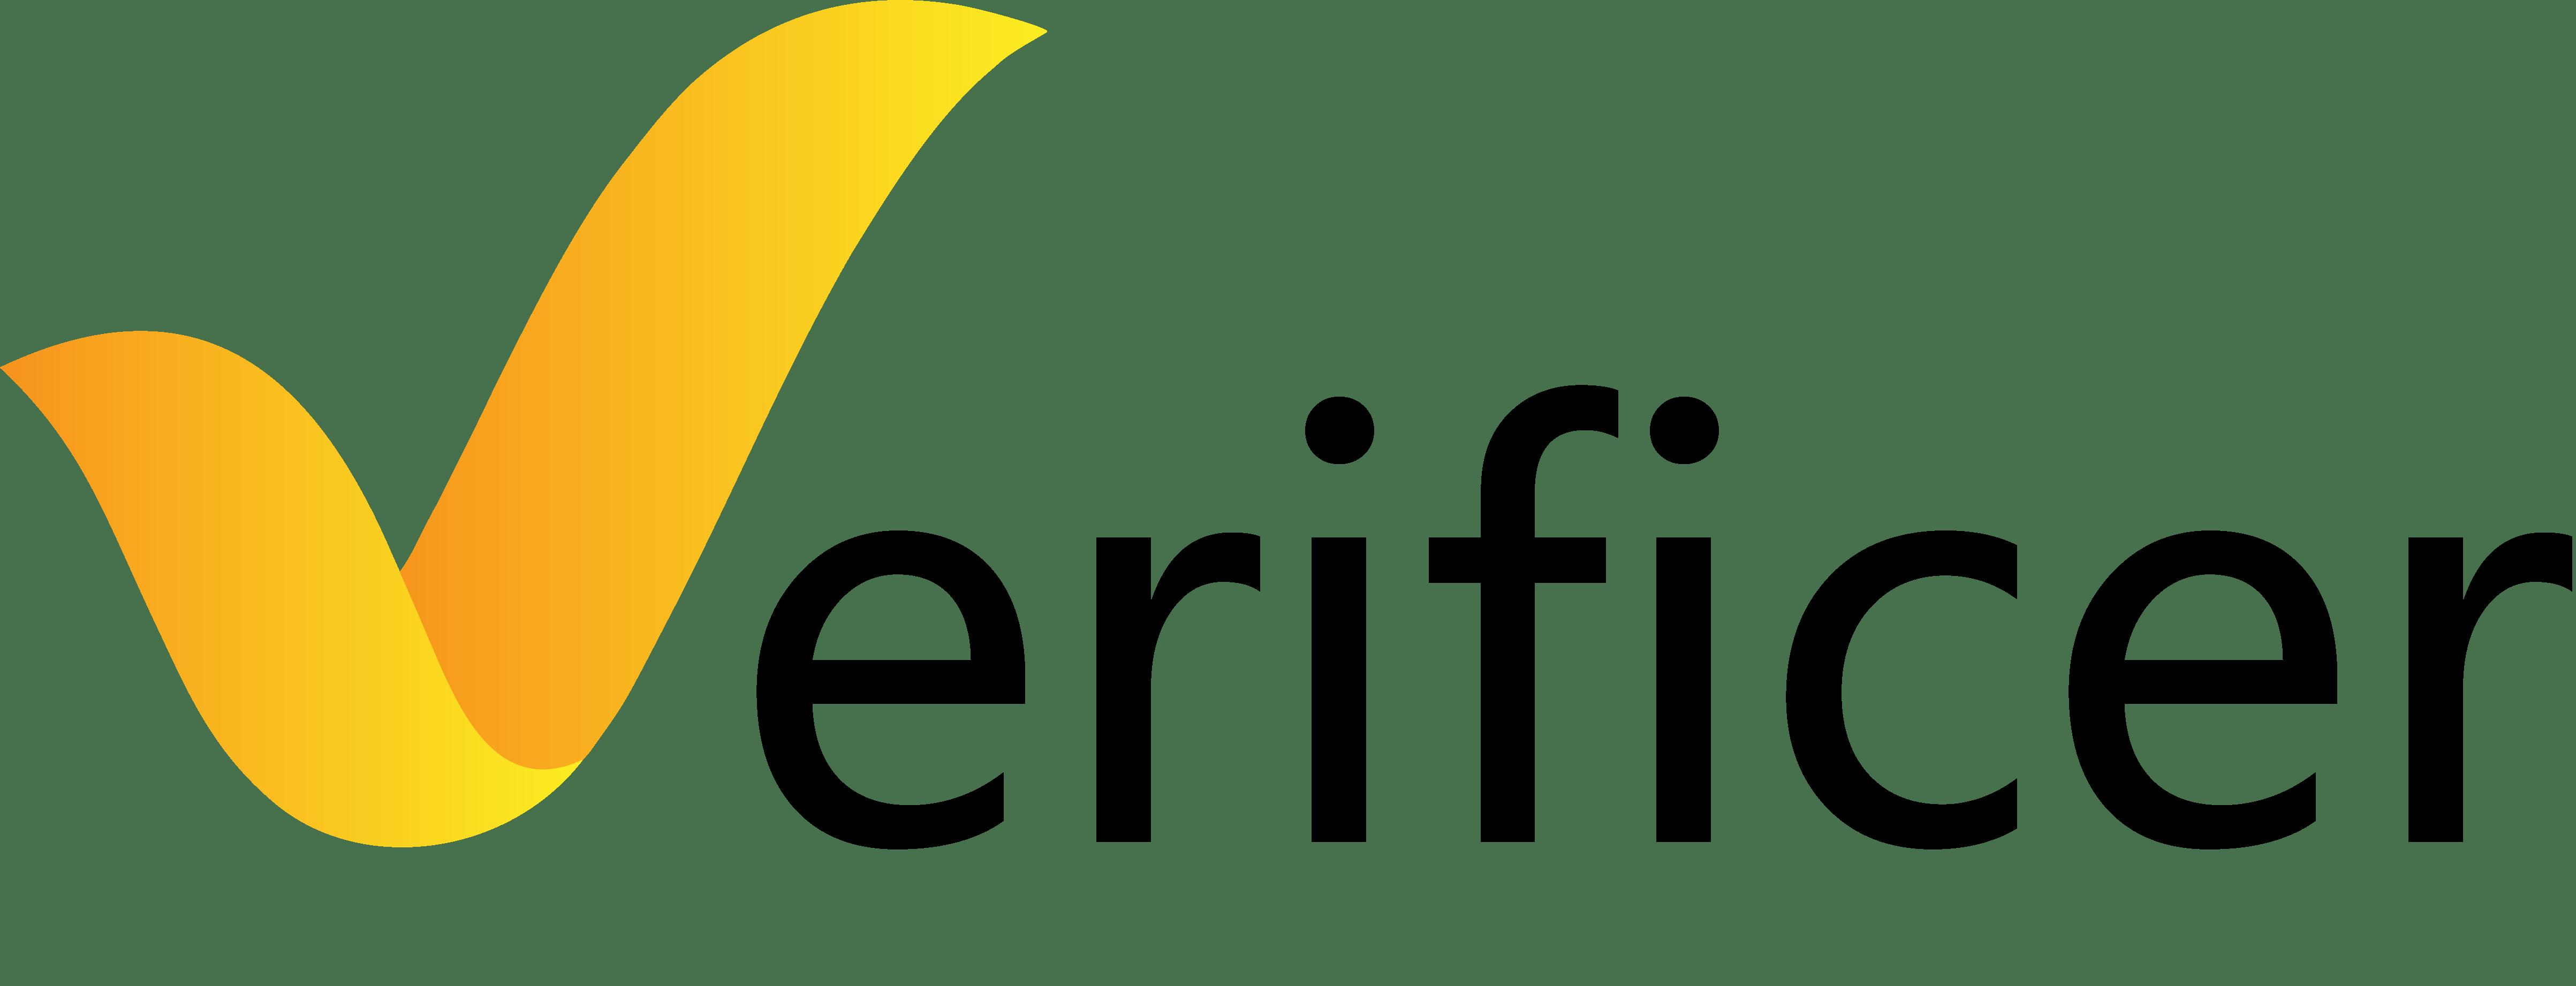 Verificer International Color logo